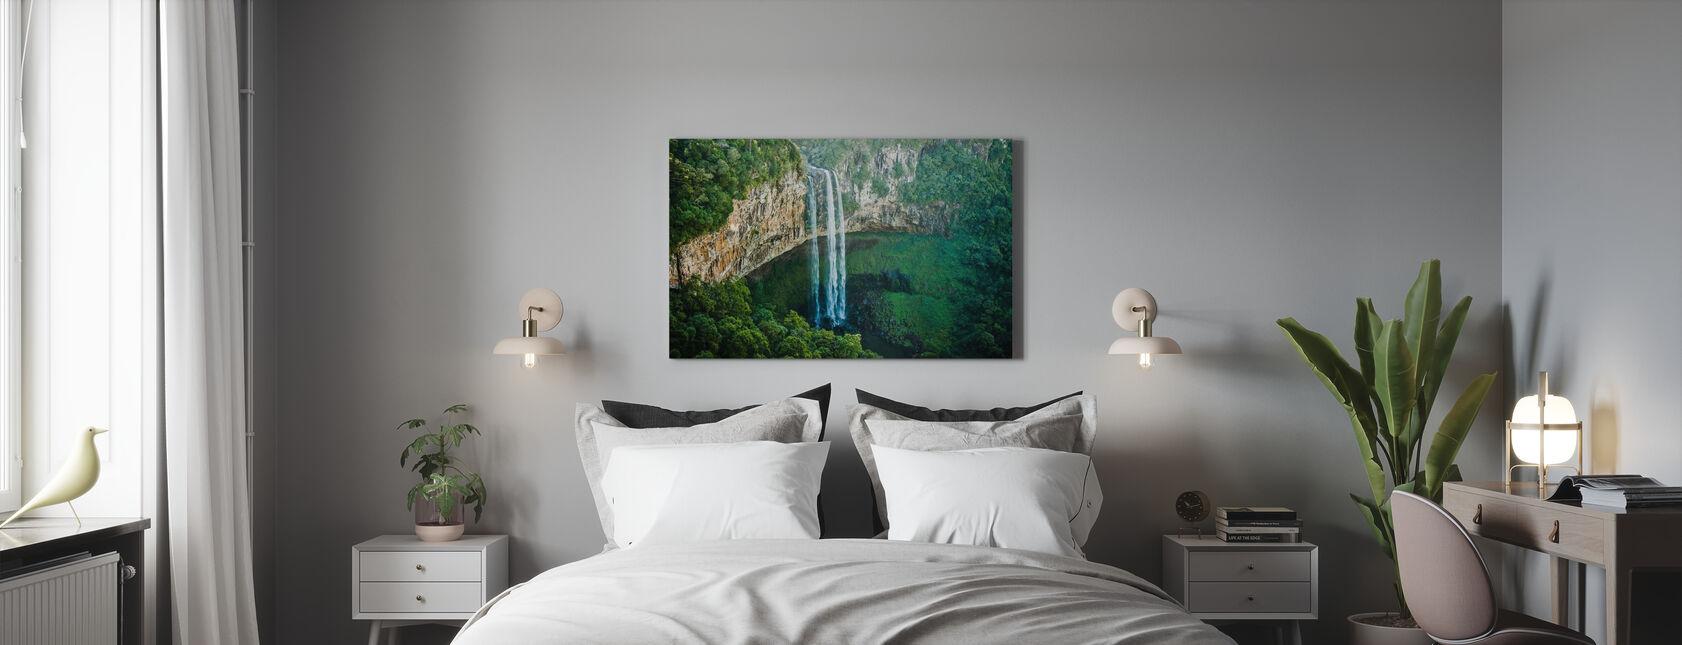 Hochtauchen - Leinwandbild - Schlafzimmer